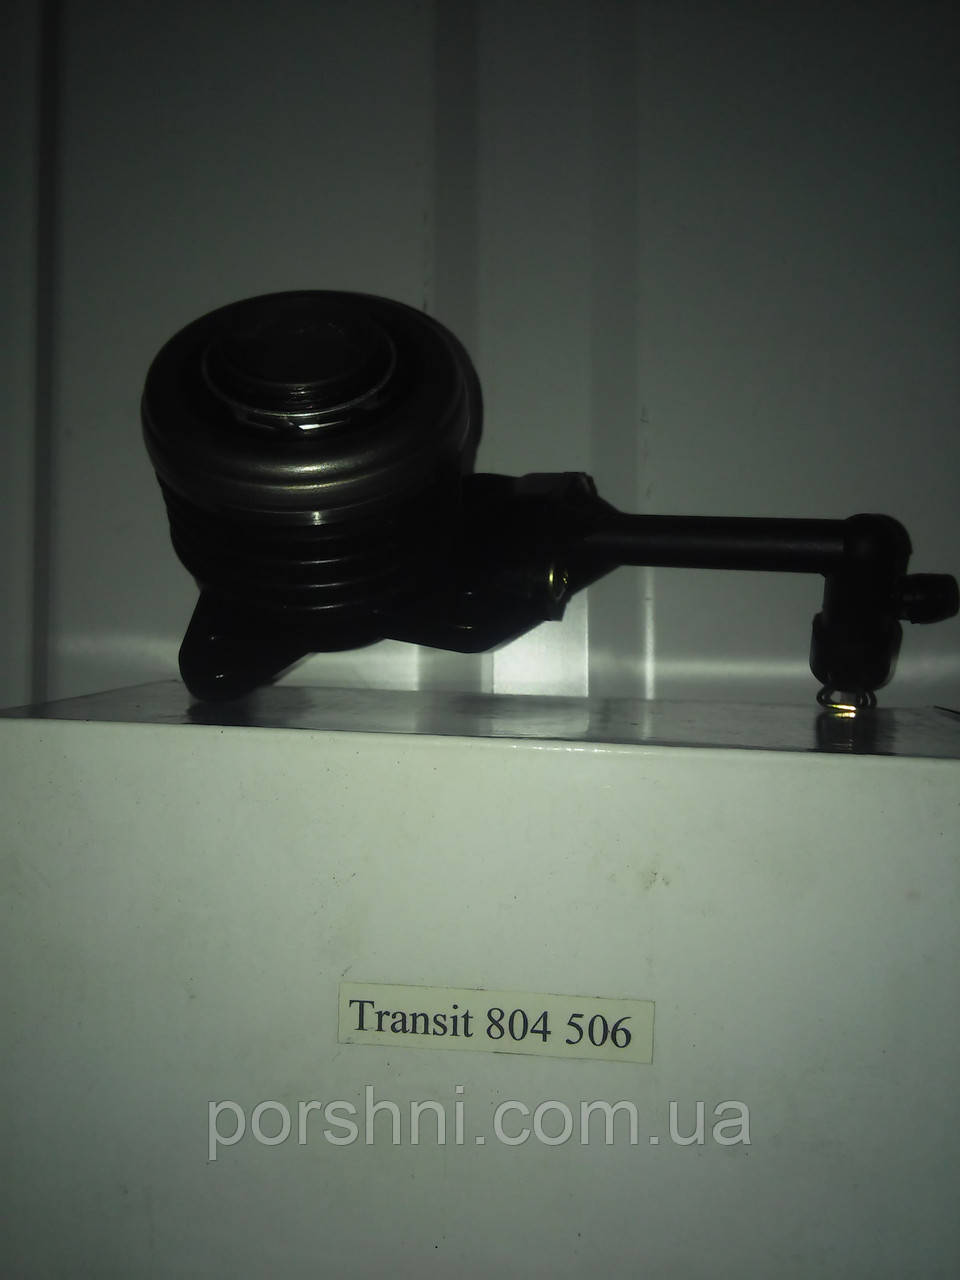 Подшипник включения сцепления Ford  Тransit   2001 --  гидравлика.  VALEO 804506